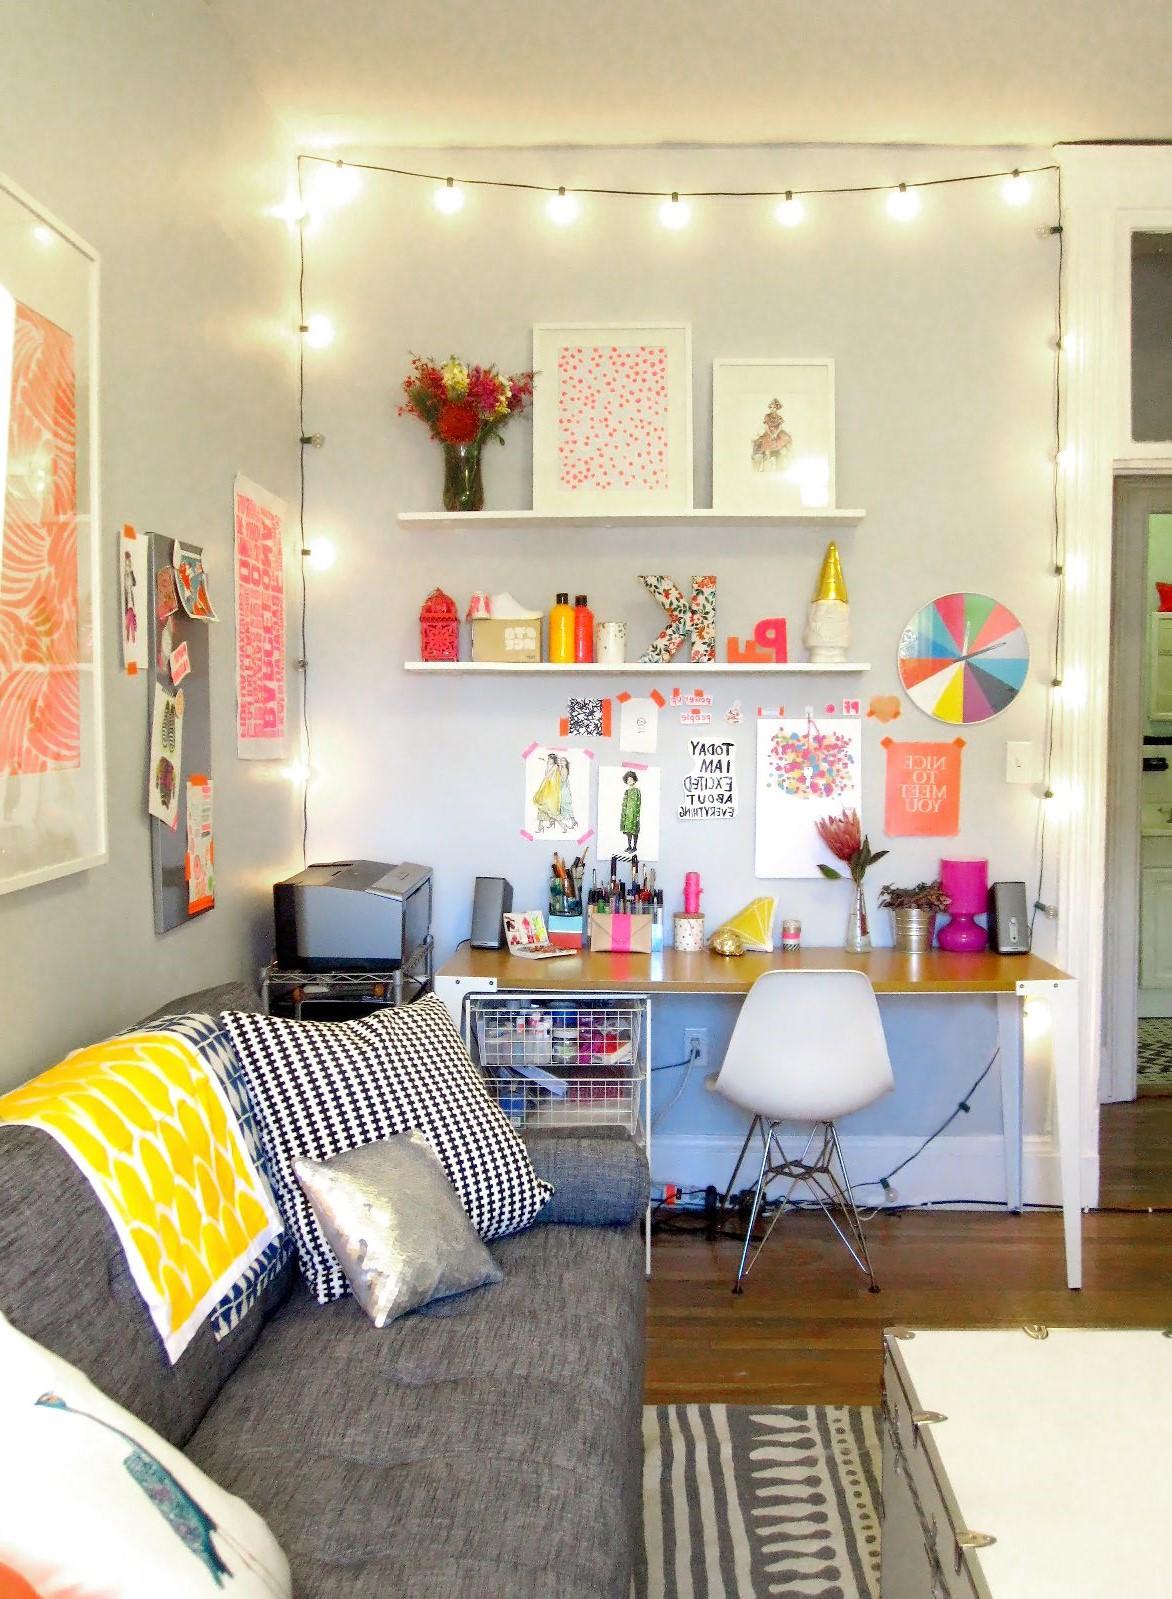 Ajouter une guirlande lumineuse autour des portes ou des murs de votre maison est un moyen de créer une atmosphère particulière dans votre espace de vie.